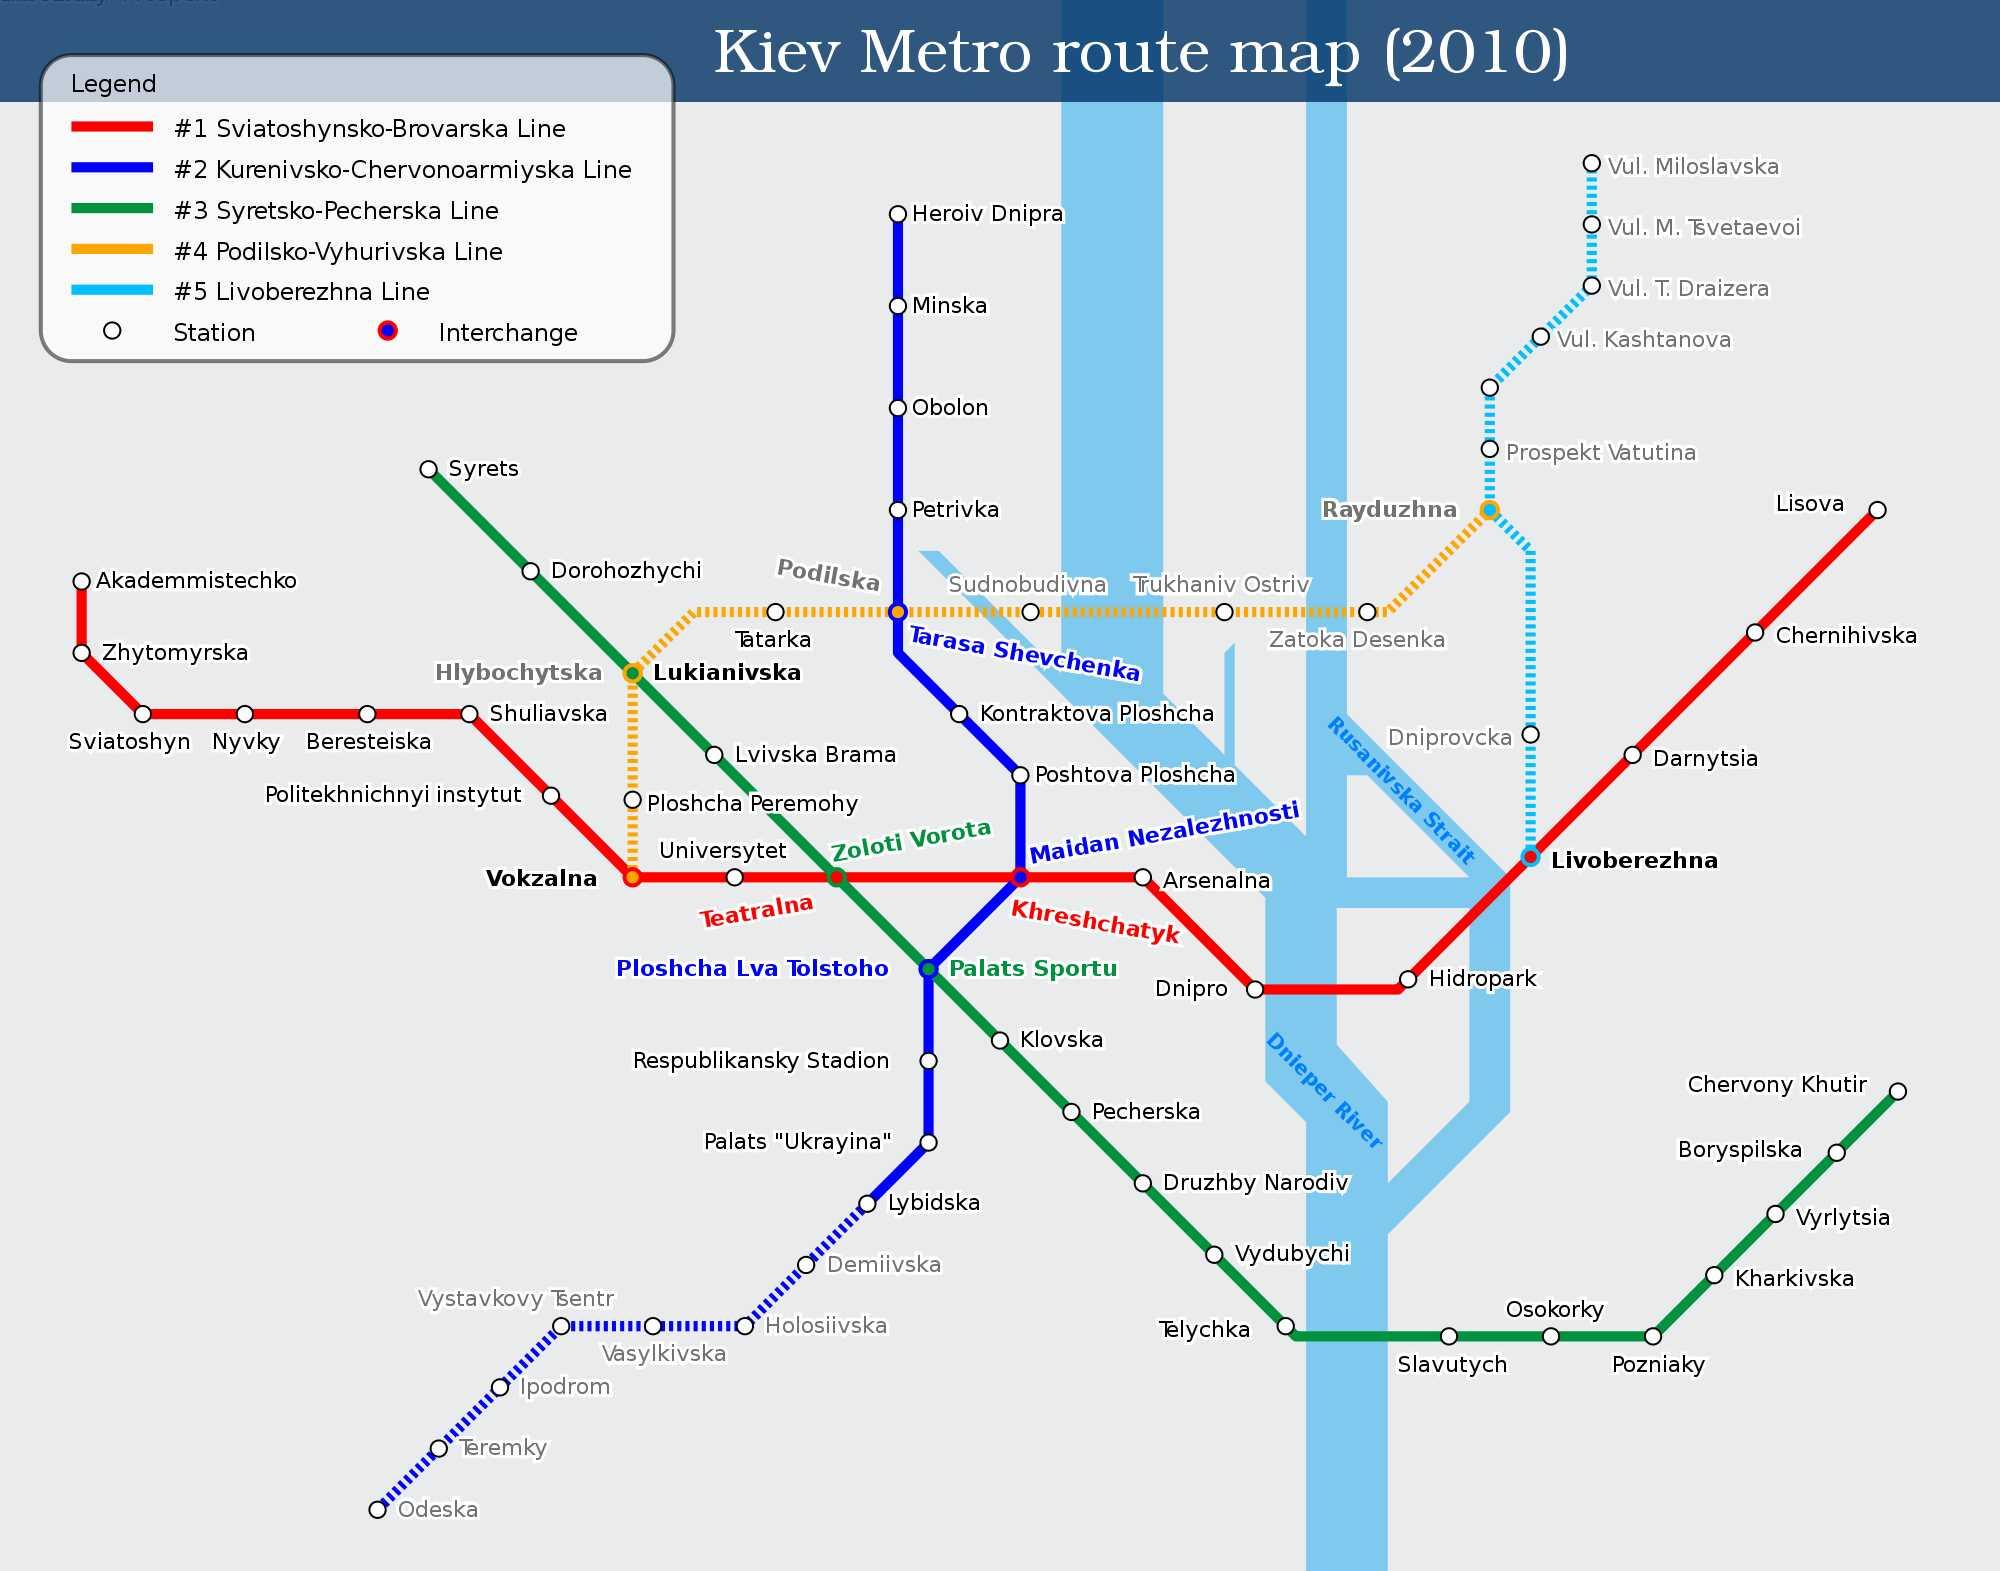 carte métro kiev